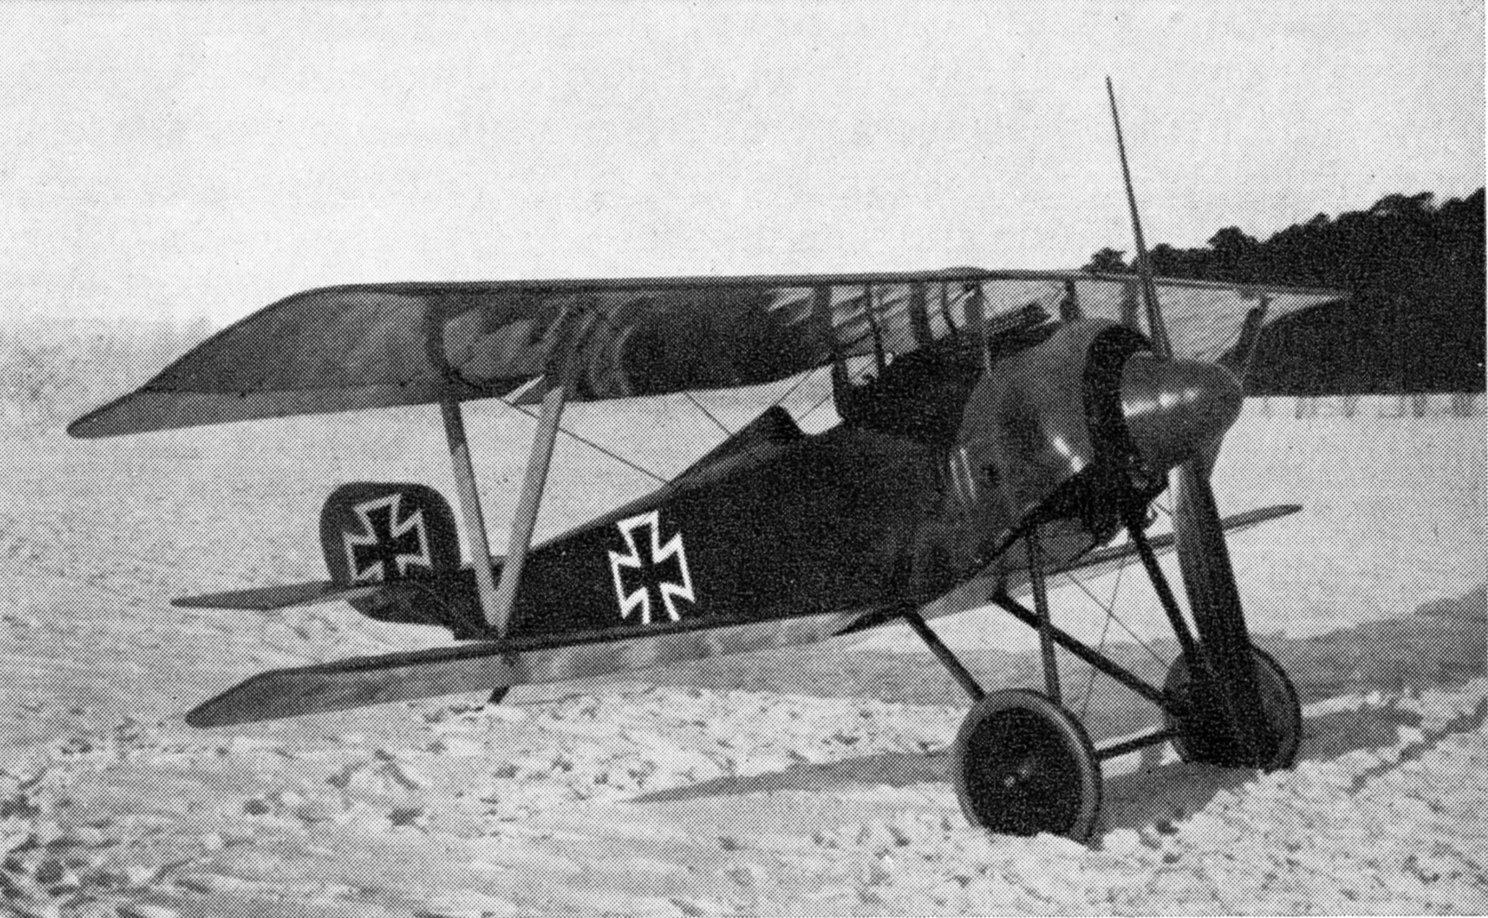 Германский истребитель Siemens-Schuckert Eindecker